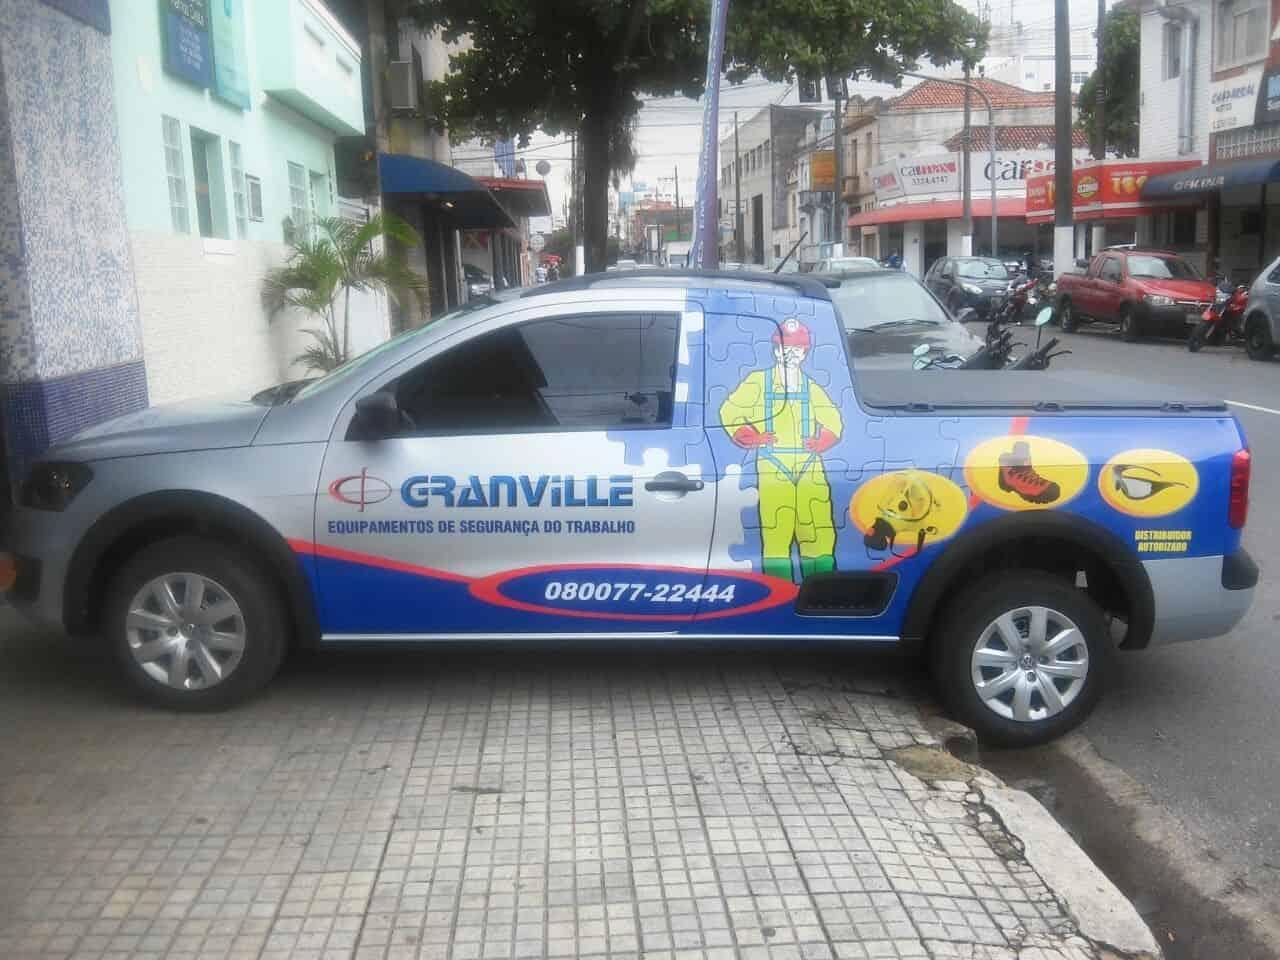 Veículo | Granville